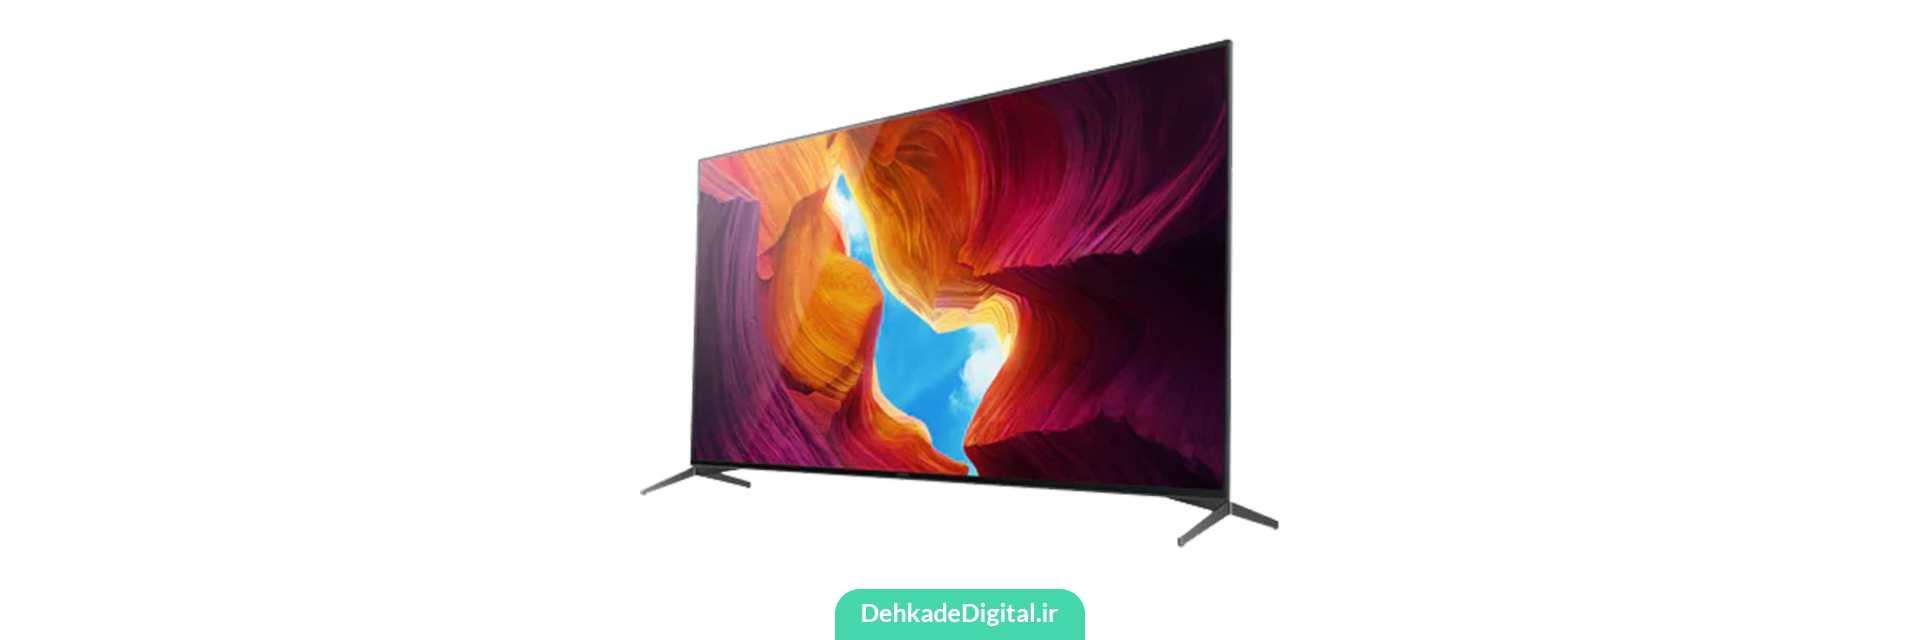 معرفی تلویزیون های سونی X7500H55